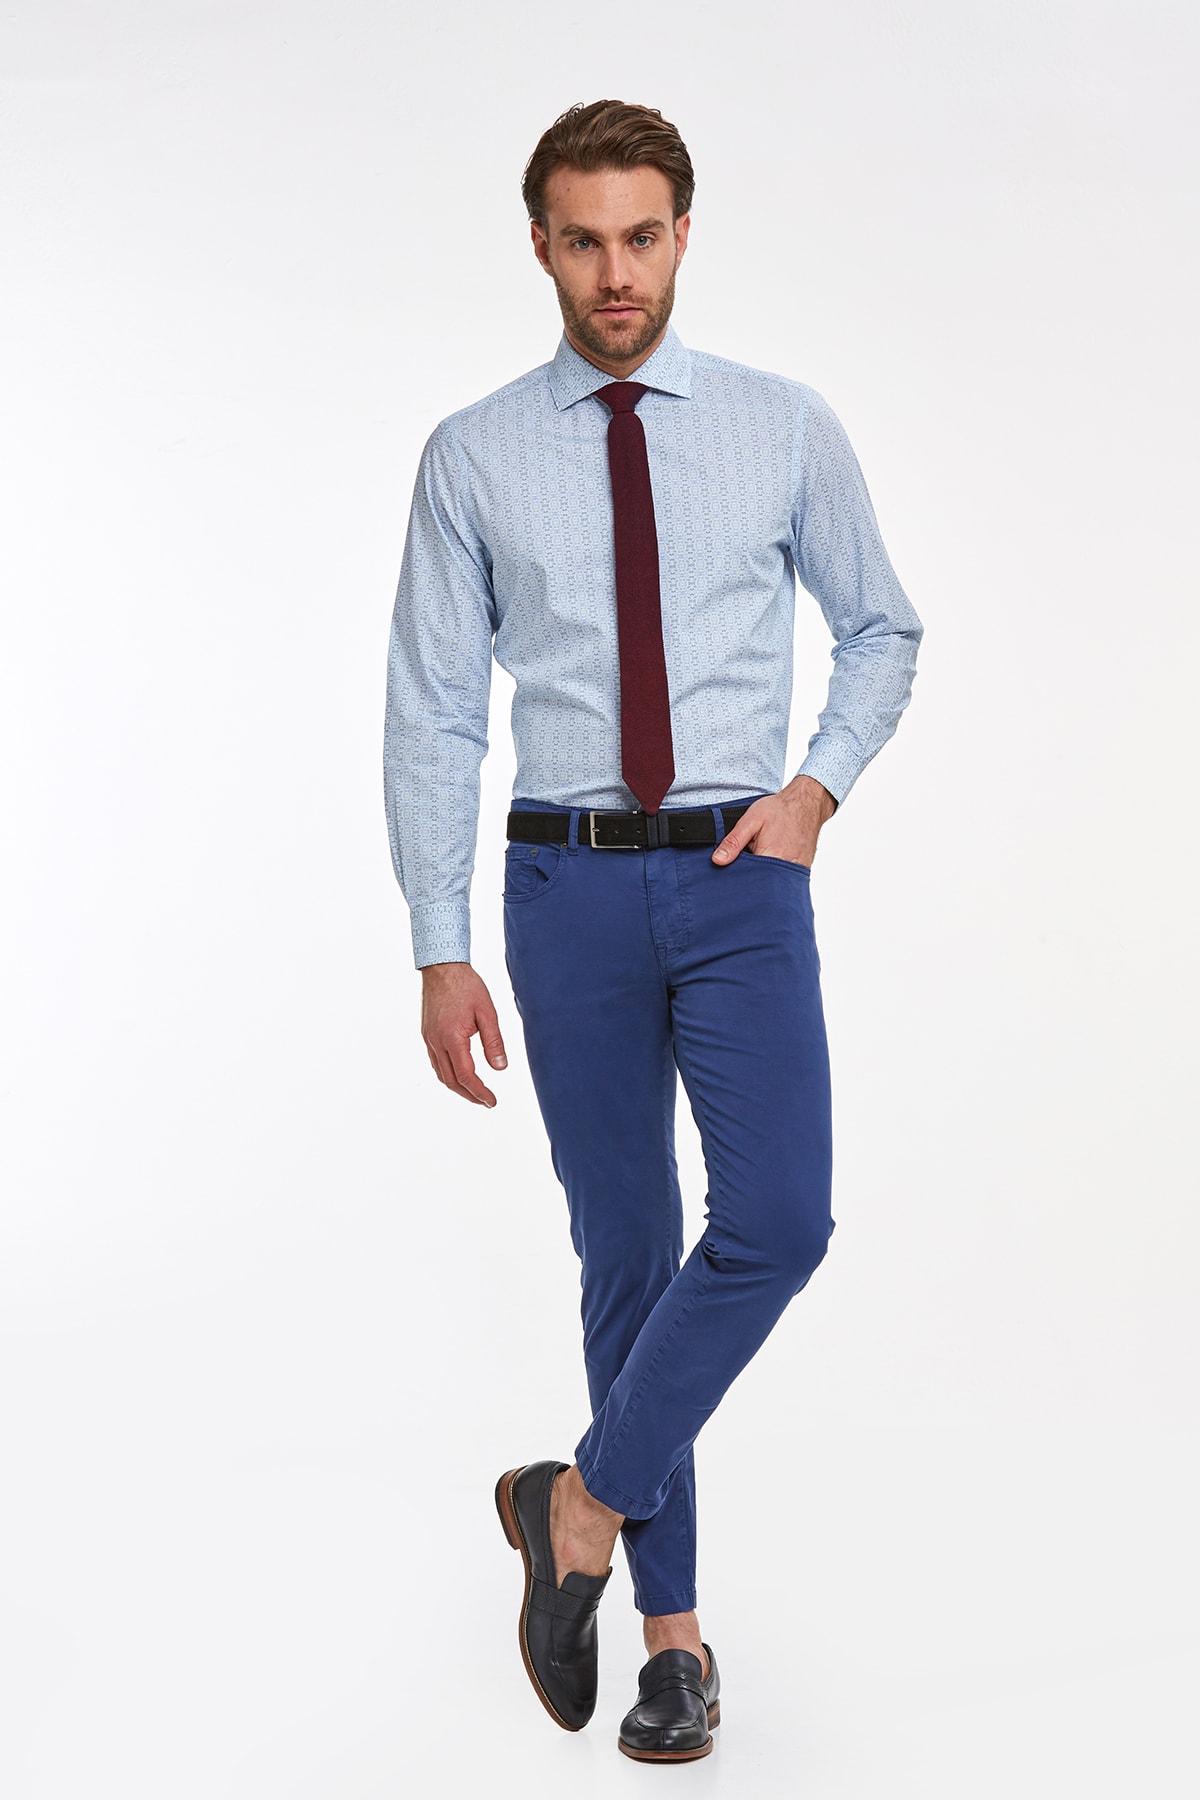 Hemington Erkek Mavi Desenli Italyan Yaka Spor Gömlek 2